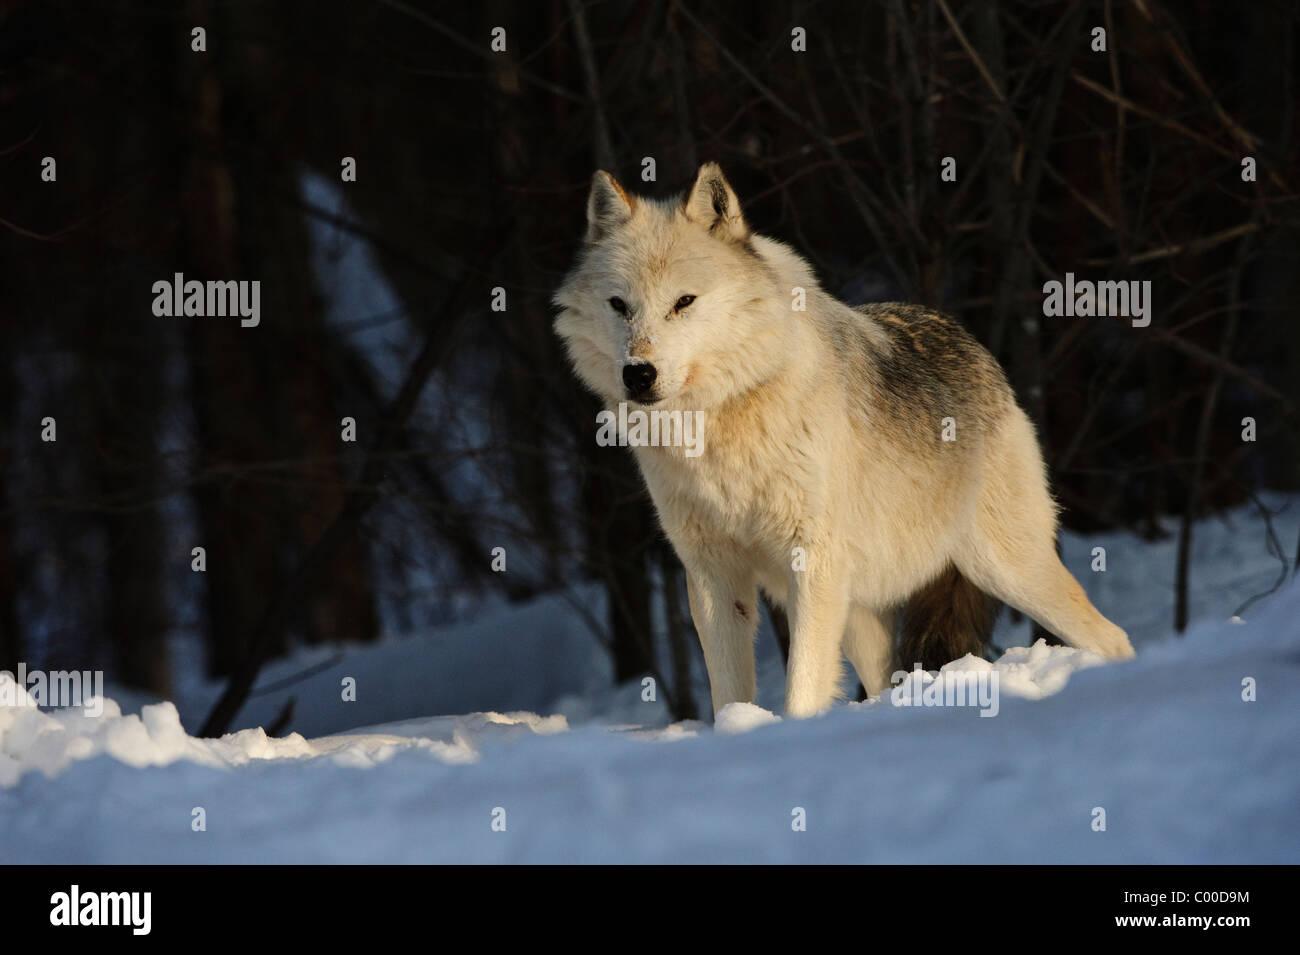 Eine weiße männliche grau Leitwolf wacht über sein Rudel im Winter Schnee bedeckt Stockbild